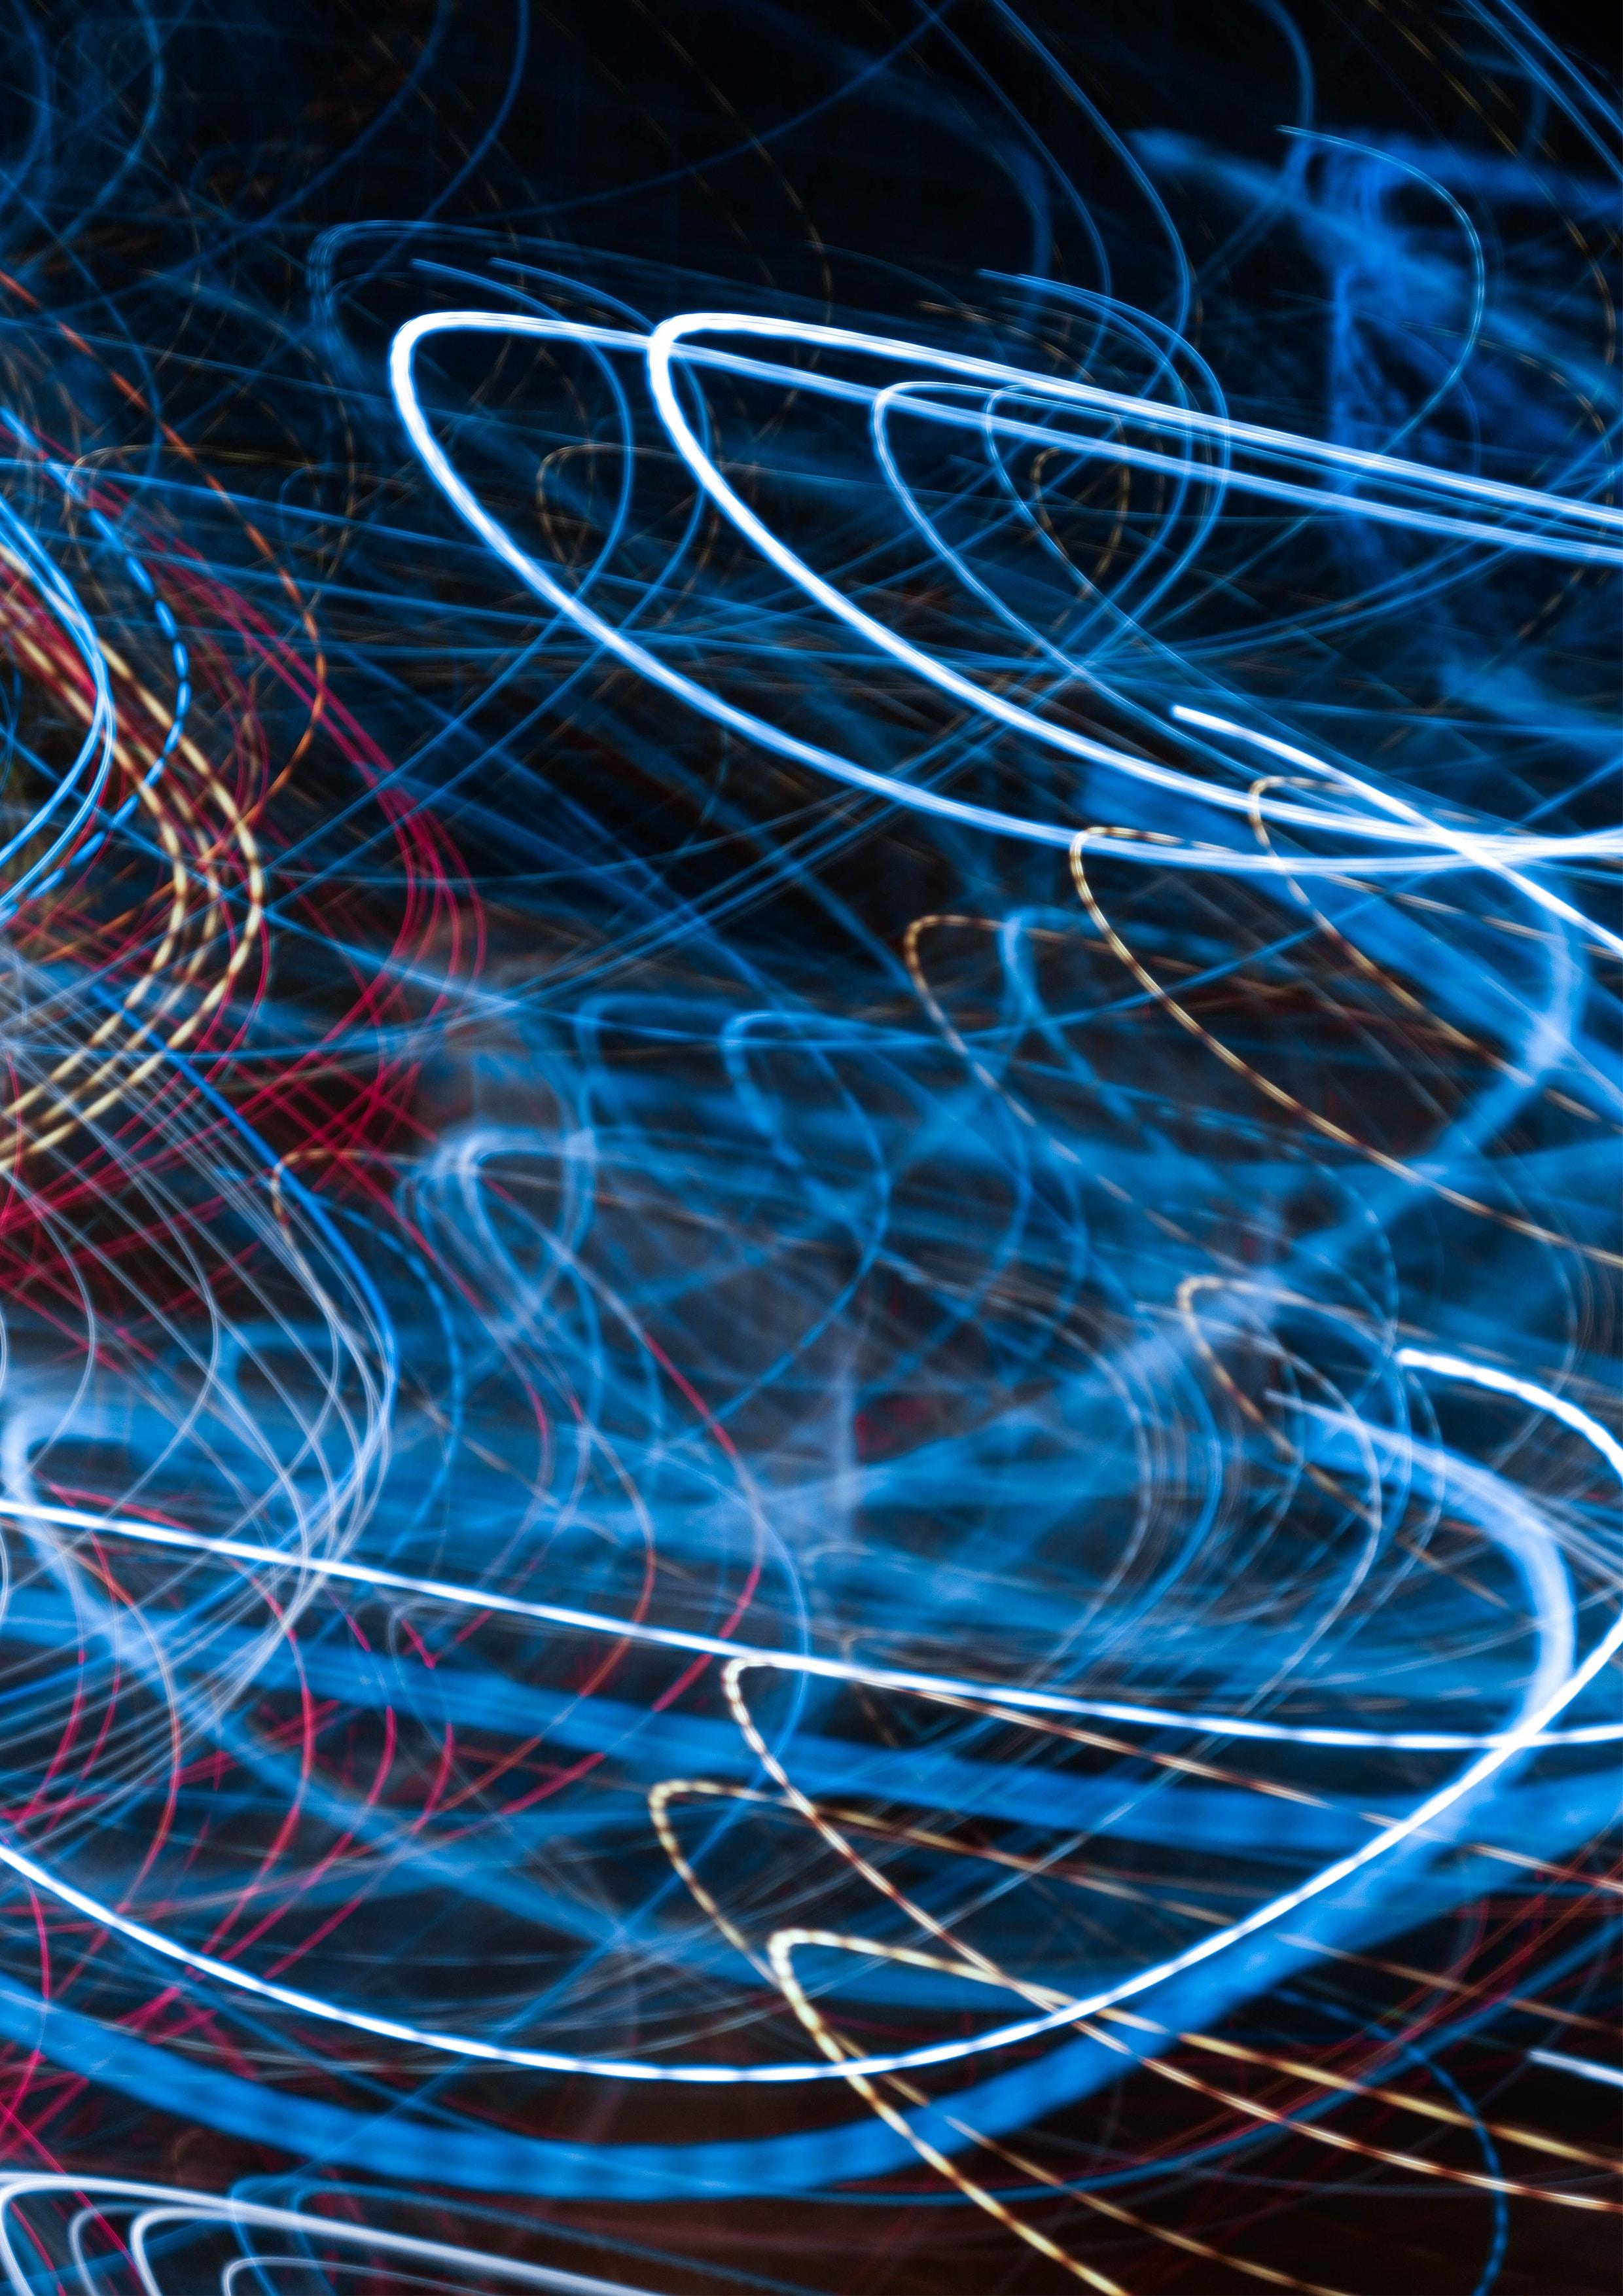 blue LED lights